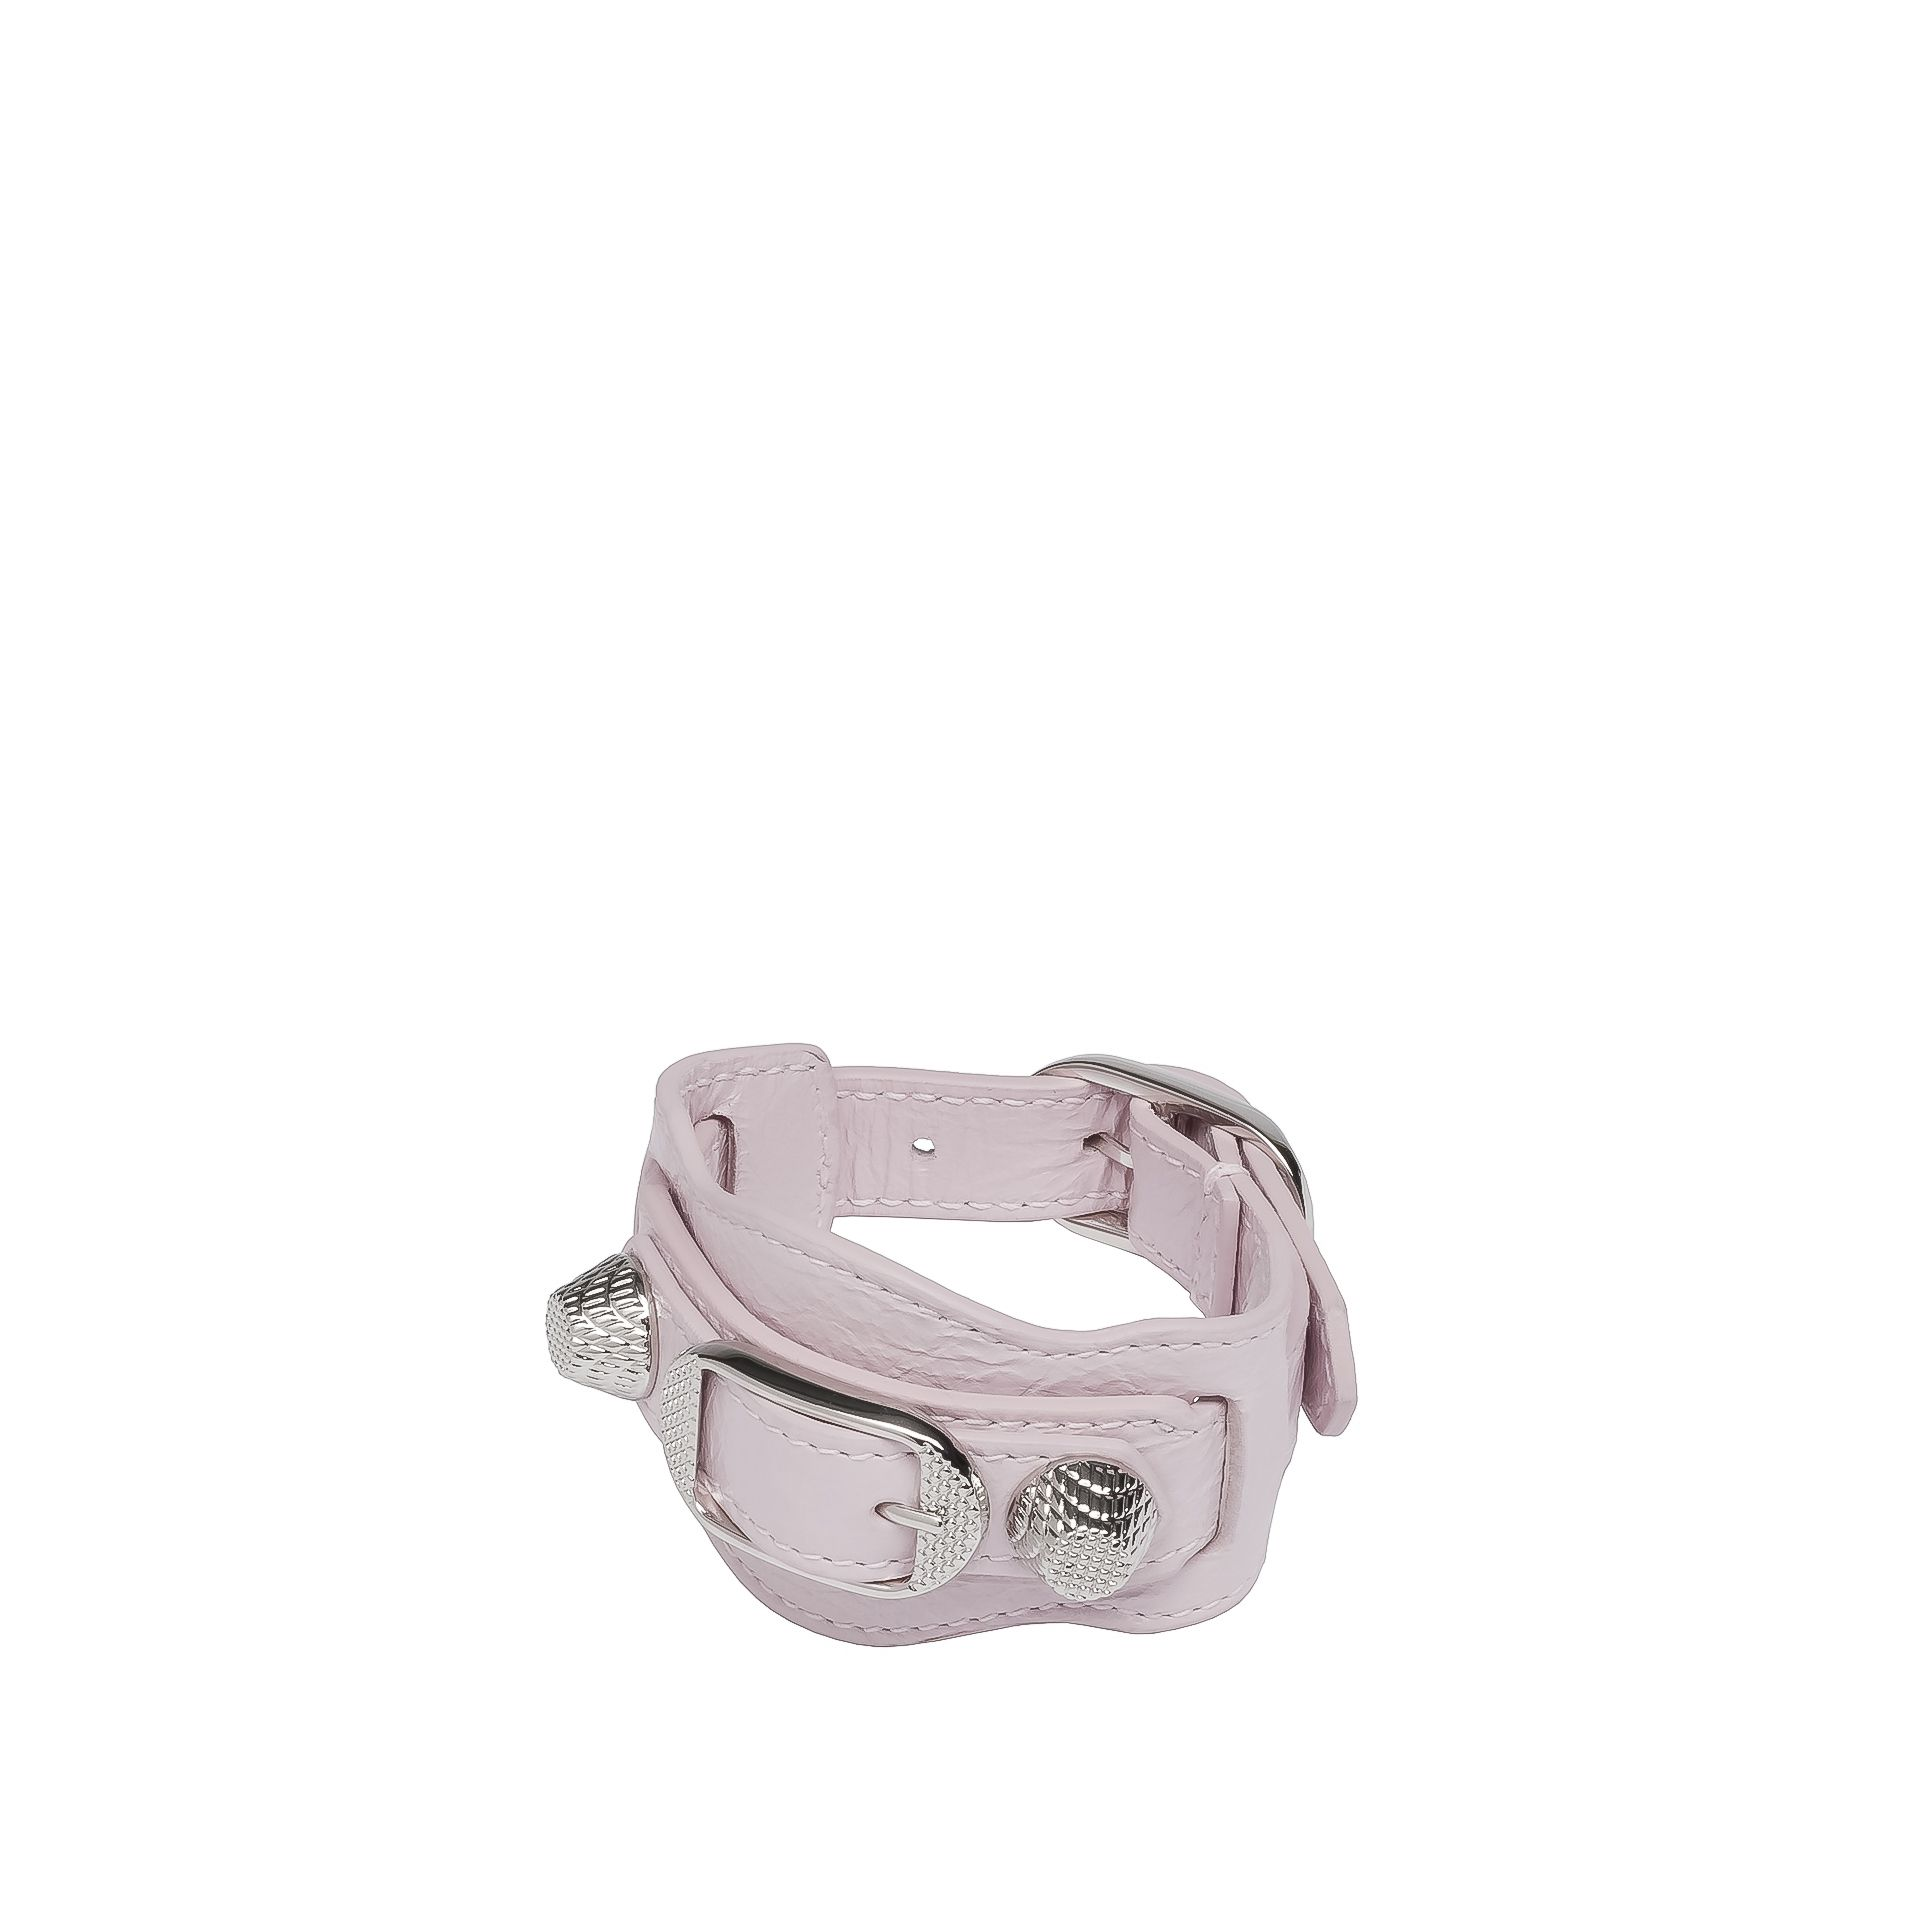 BALENCIAGA Balenciaga Giant Silver Bracelet Bracelet D f